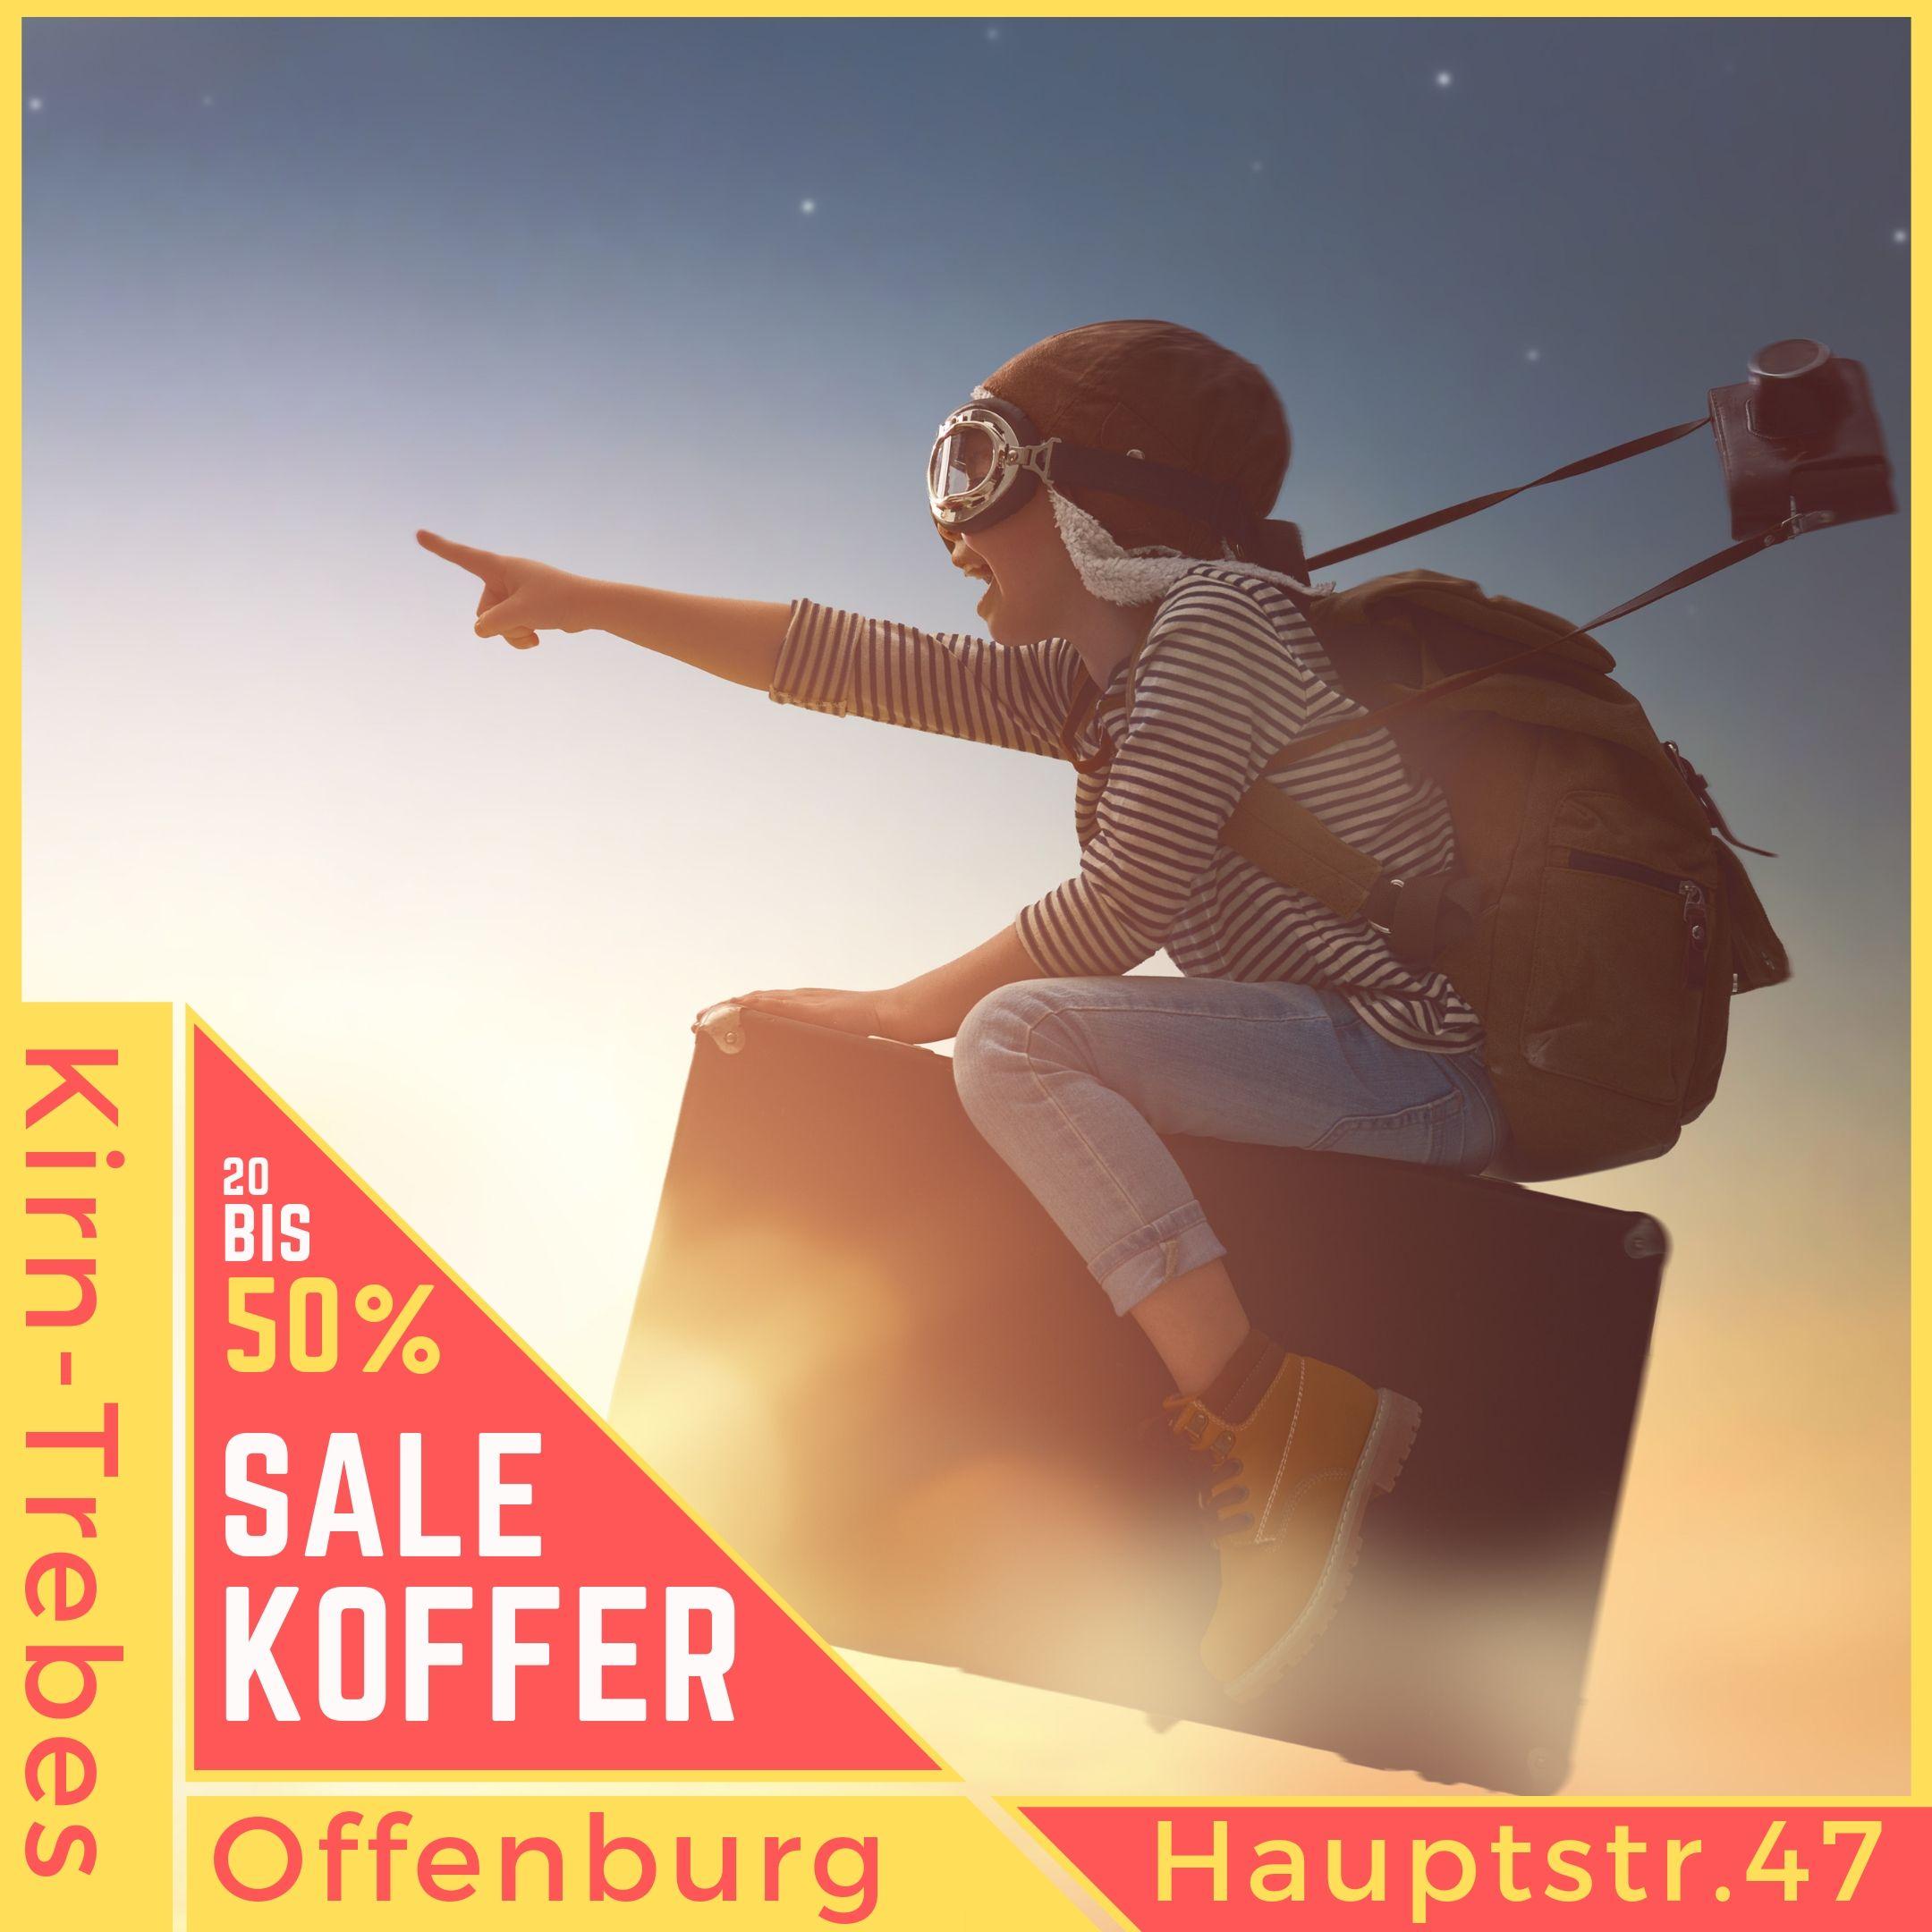 Koffer-Sale-Marken-Koffer-guenstig-kaufen-beim-Lager-Raeumungsverkauf-bei-Kirn-Trebes-Offenburg